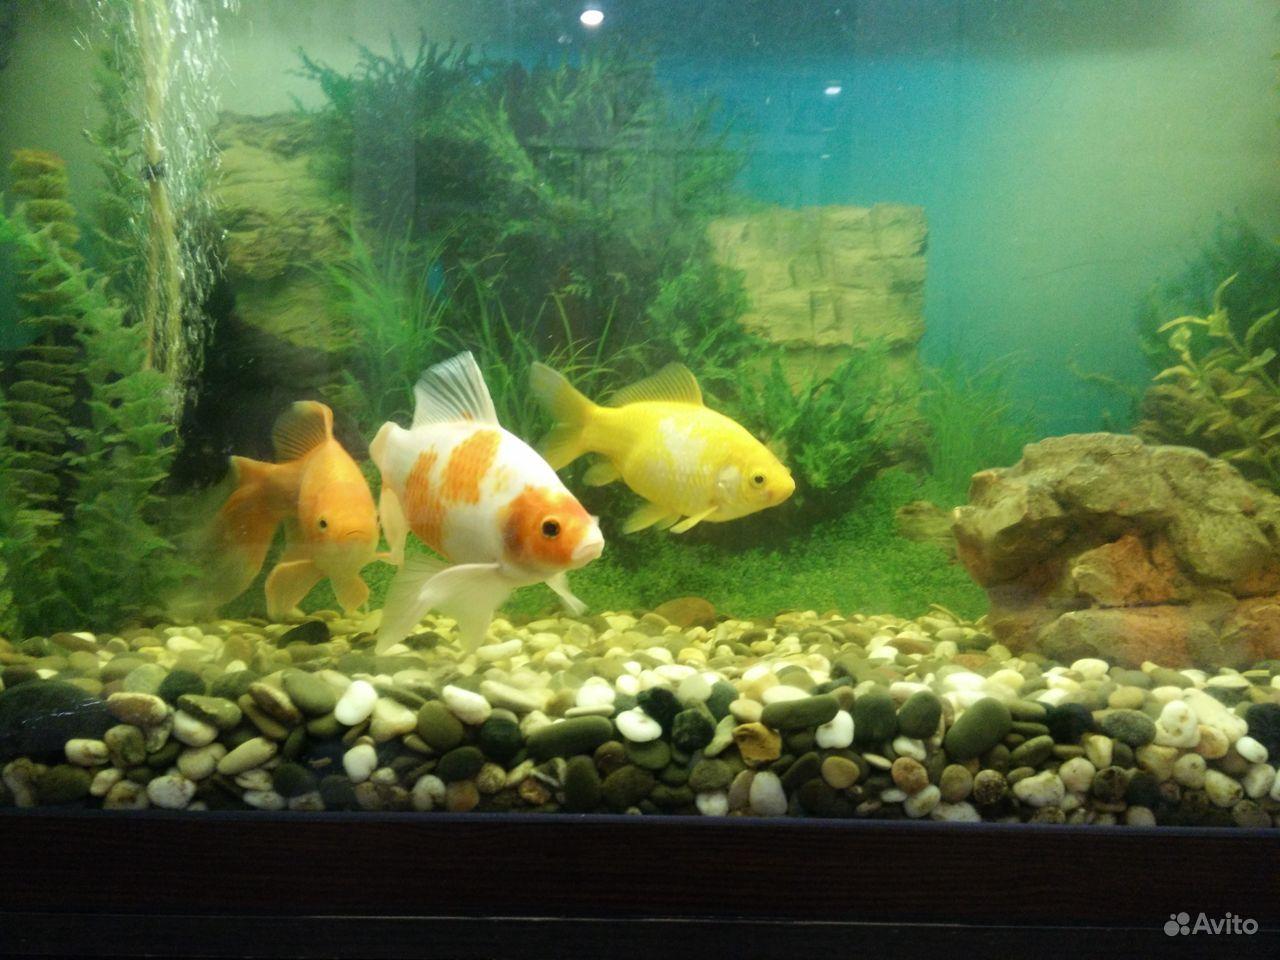 Коллекционные золотые рыбки купить на Зозу.ру - фотография № 2